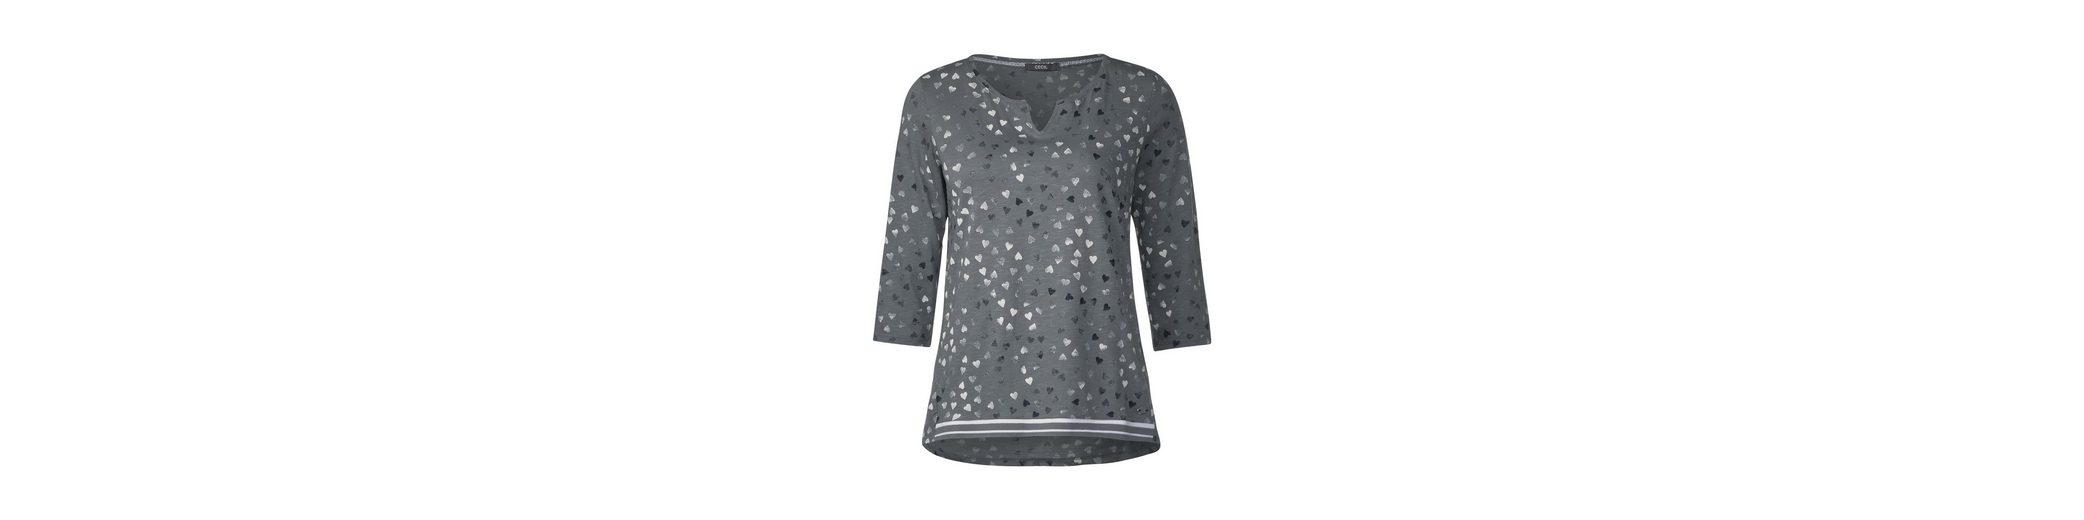 CECIL Shirt mit allover Herzprint Neu Werden Offizielle Seite Online y5n7ney